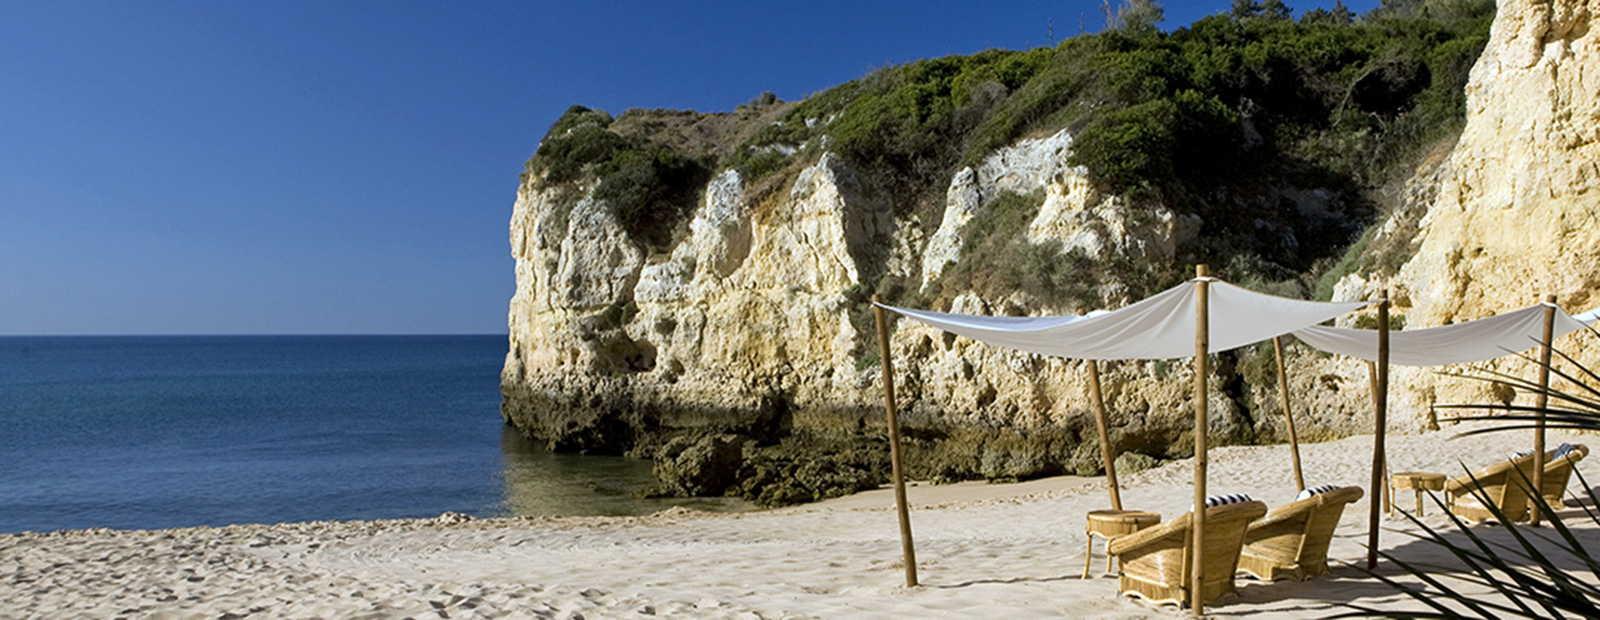 Exklusive Ferienhäuser in Portugal